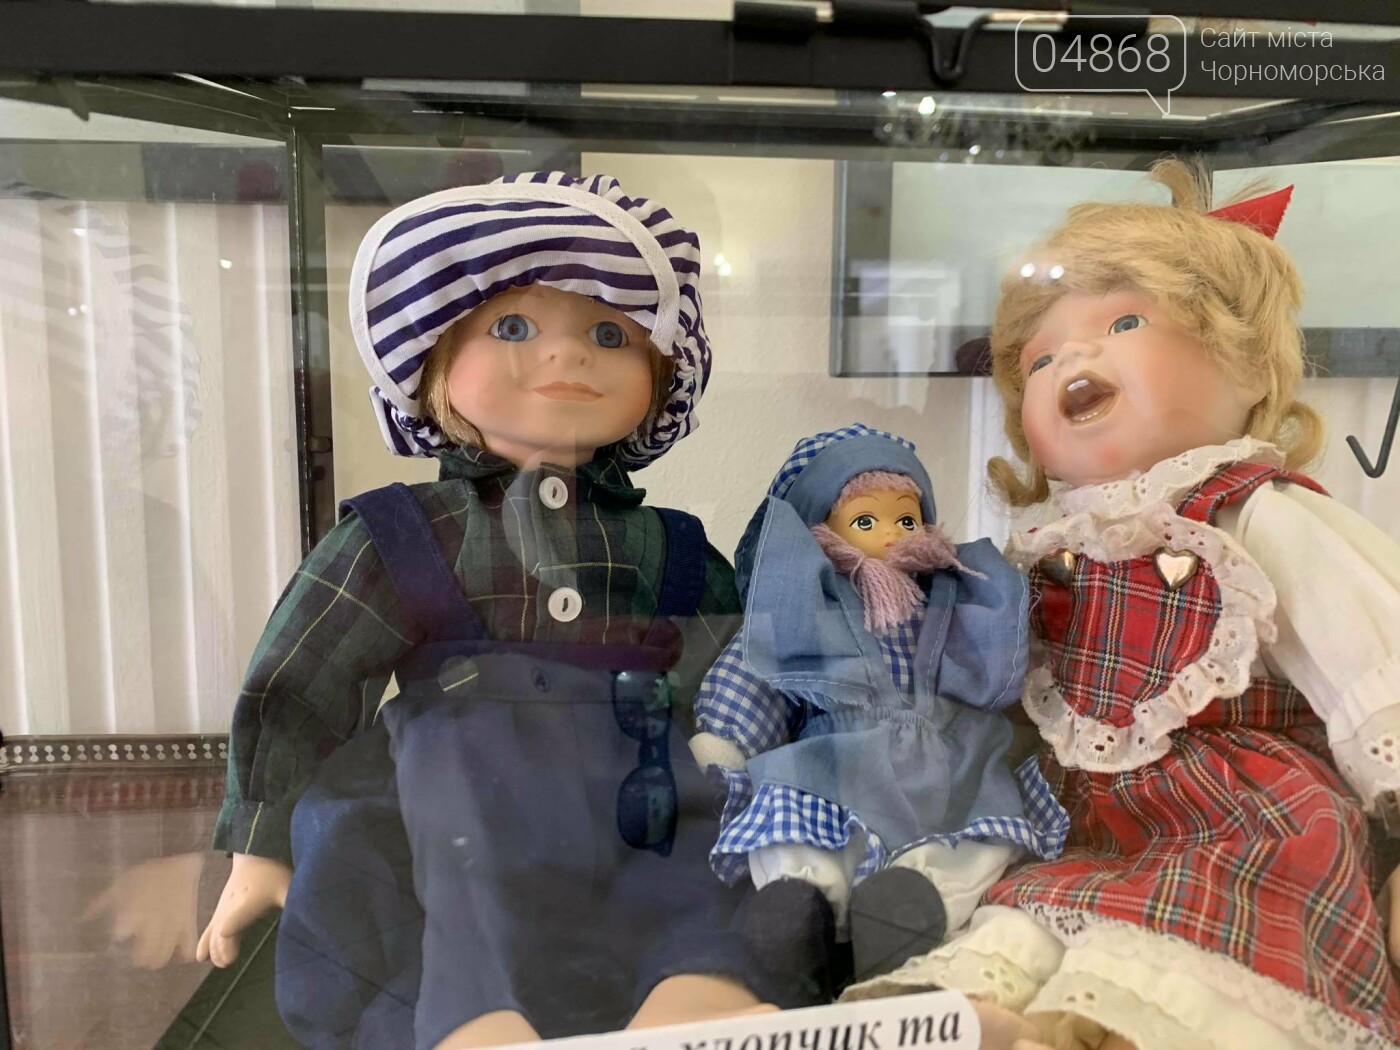 Как будто живые: в Черноморске проходит выставка фарфоровых кукол (видео), фото-4